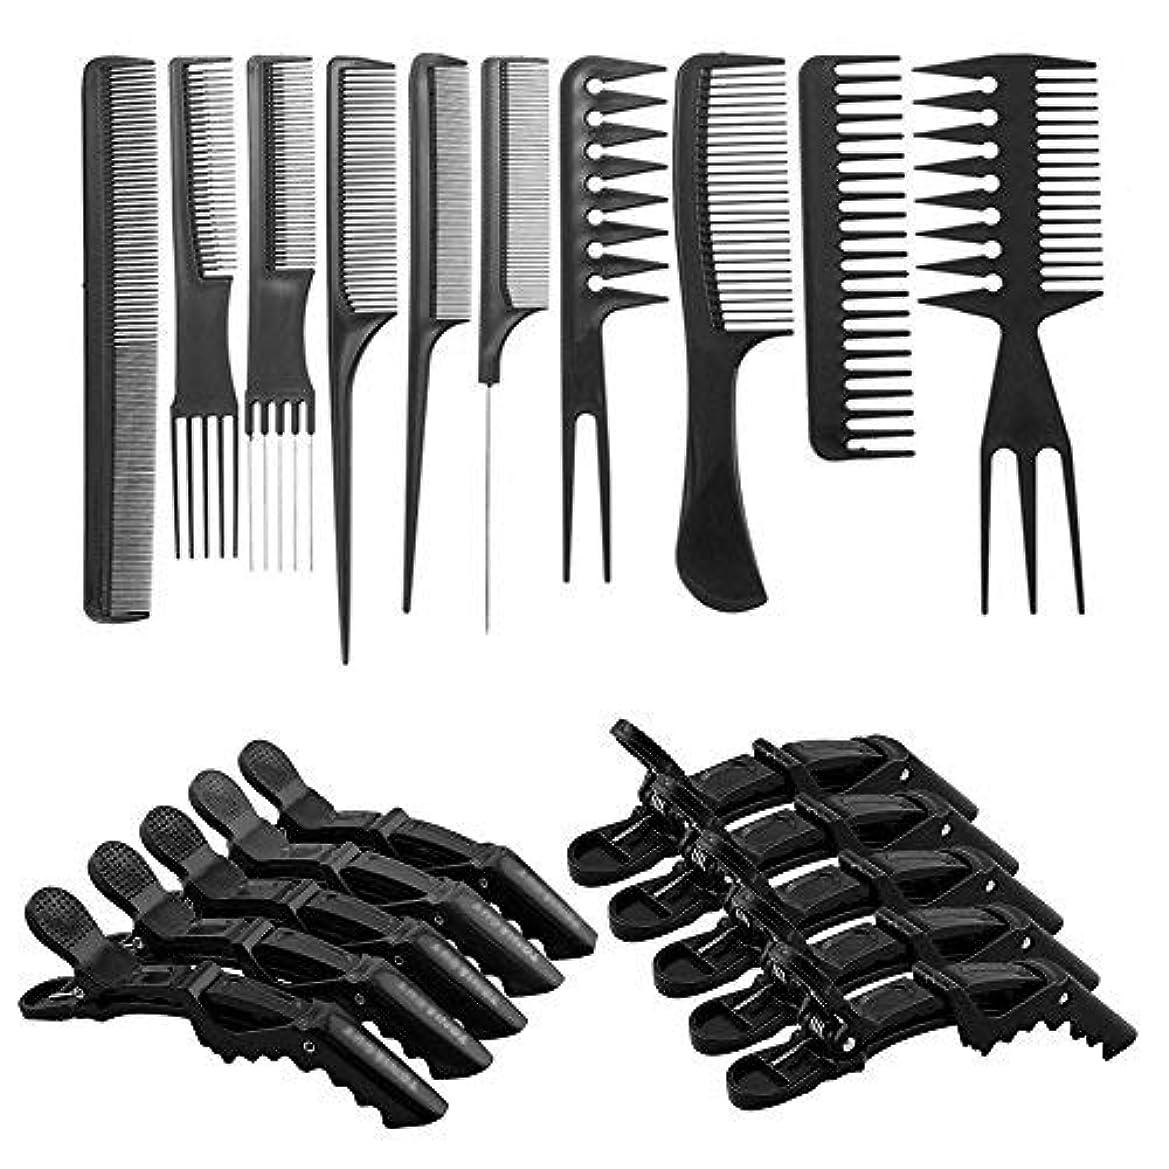 ブルジョン操作可能オデュッセウス10 Pcs Professional Hair Styling Comb Set with Styling Clips [並行輸入品]